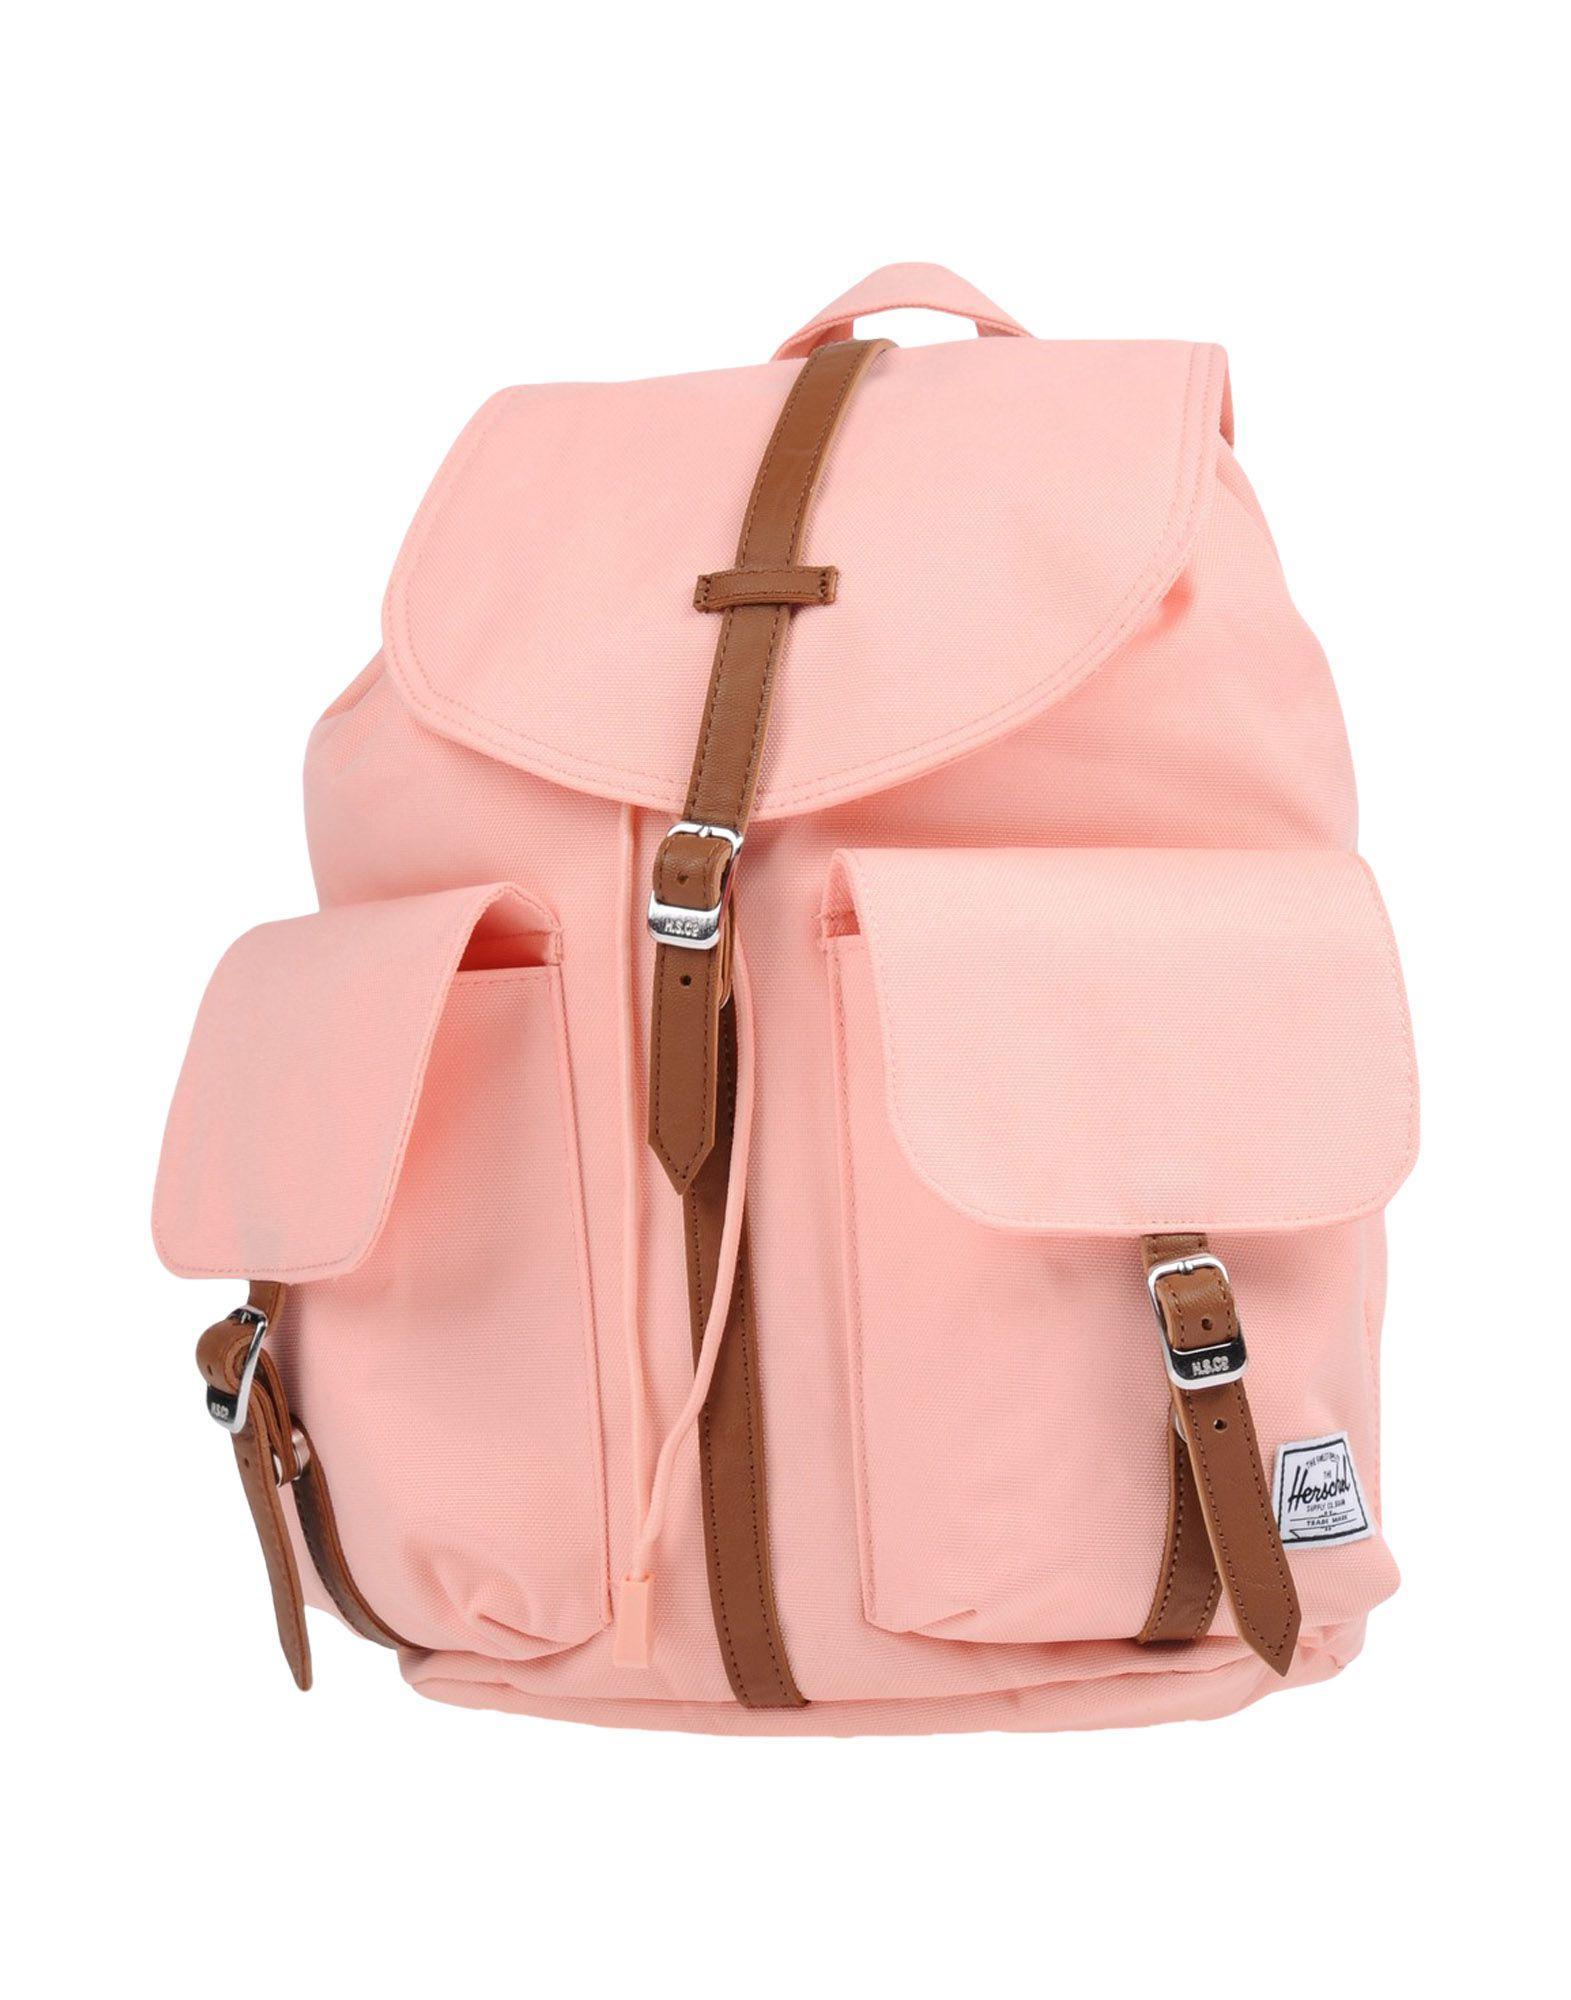 95fd122192f Herschel Supply Co. Backpacks   Fanny Packs In Salmon Pink